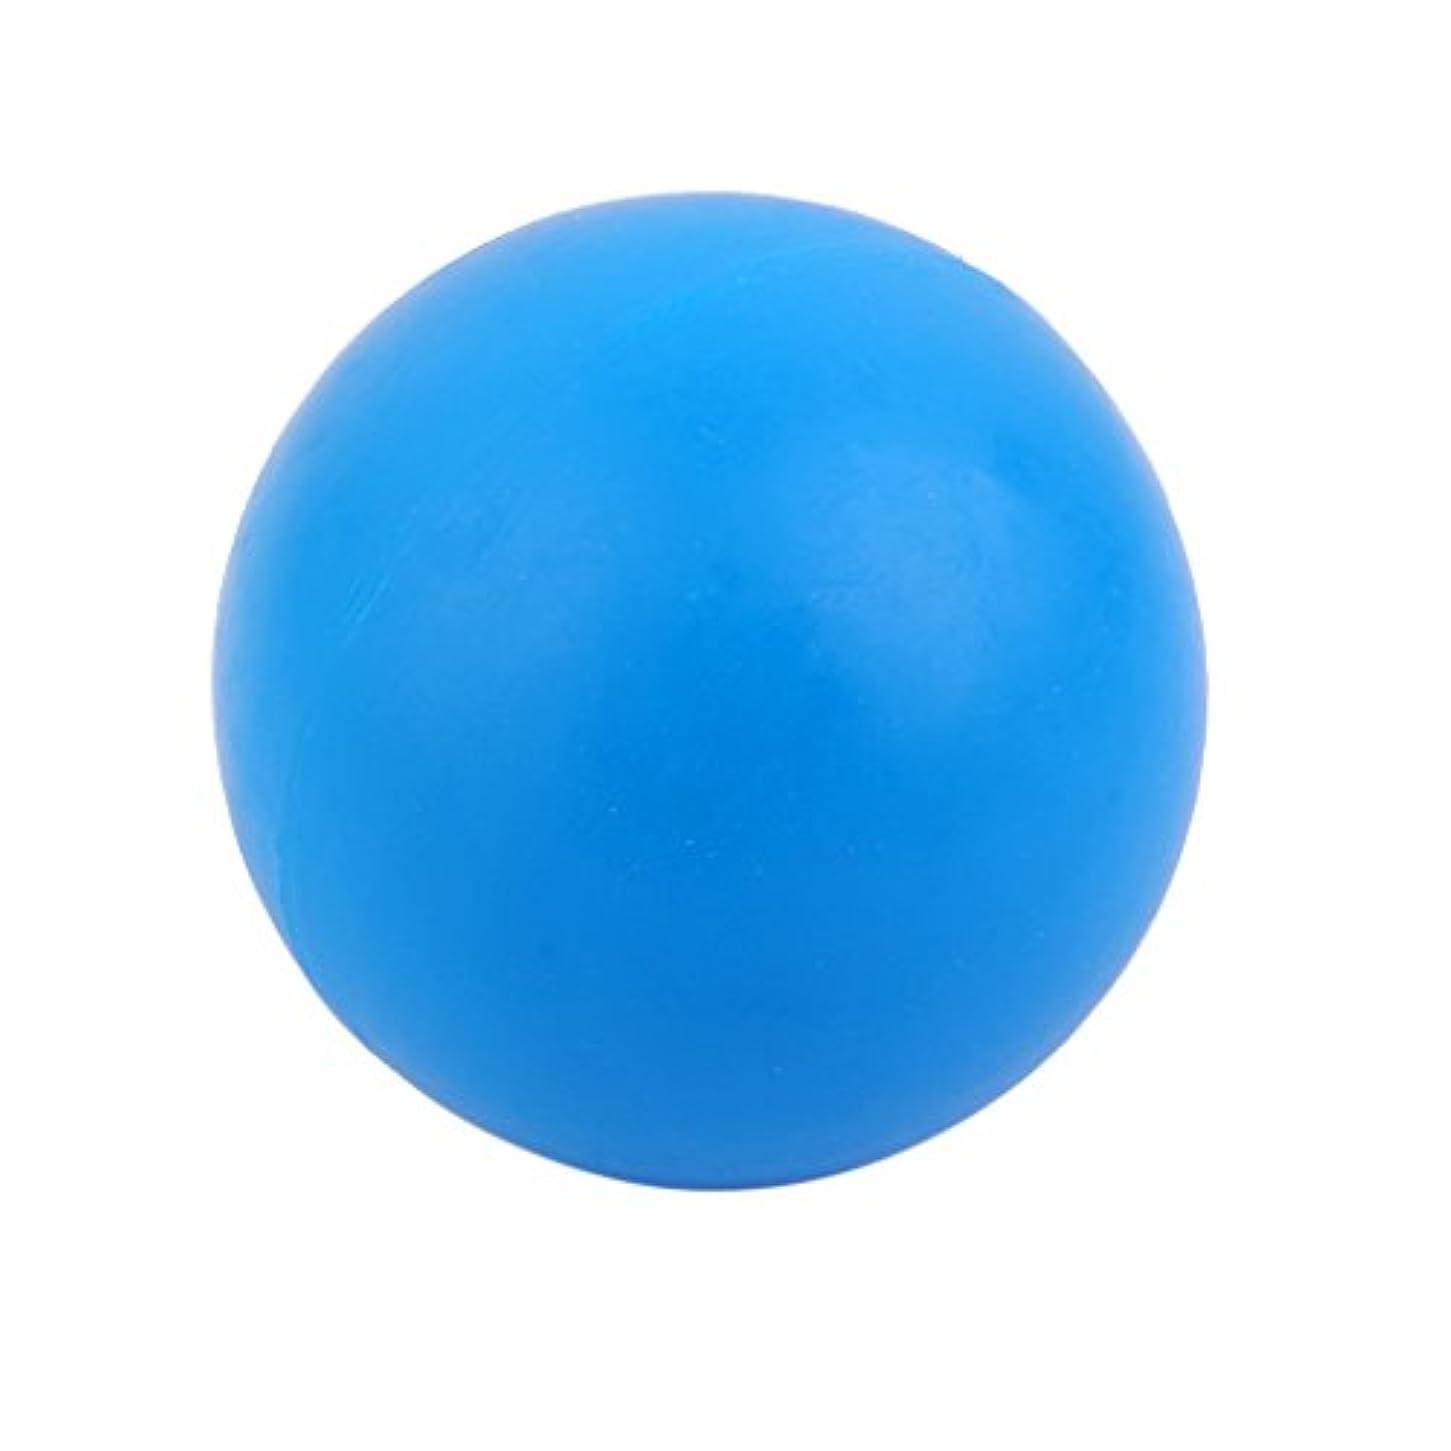 ピュー来て脳マッサージボール 反応ボール トレーニングボール